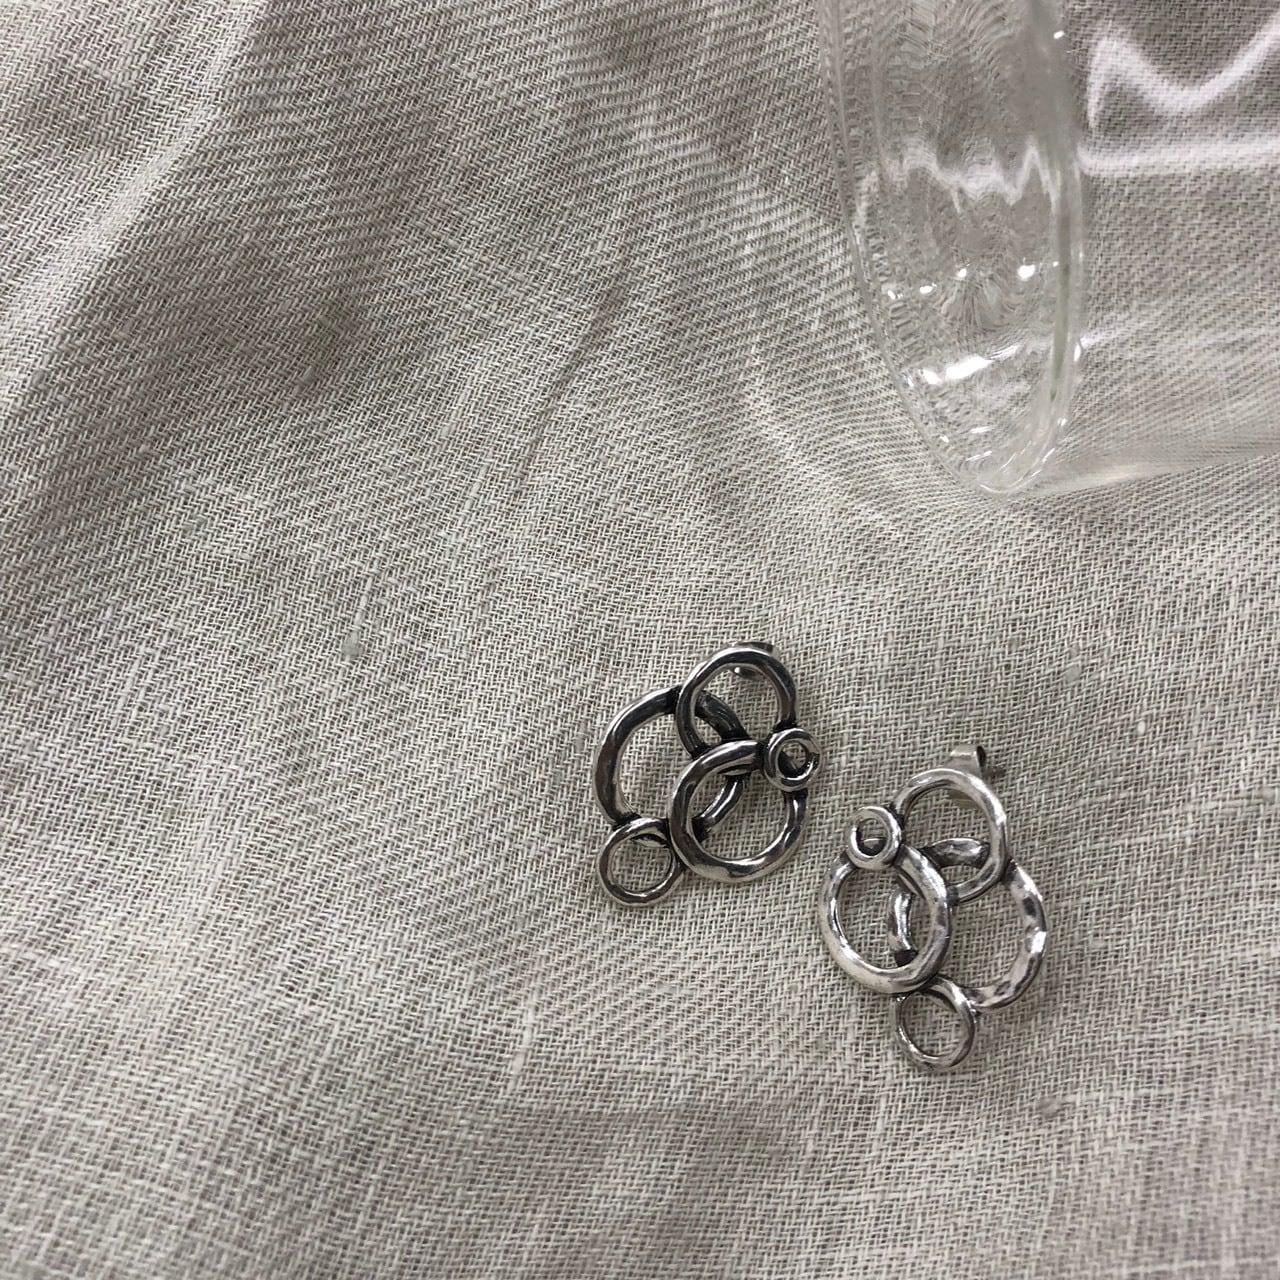 多円ピアス/silver925